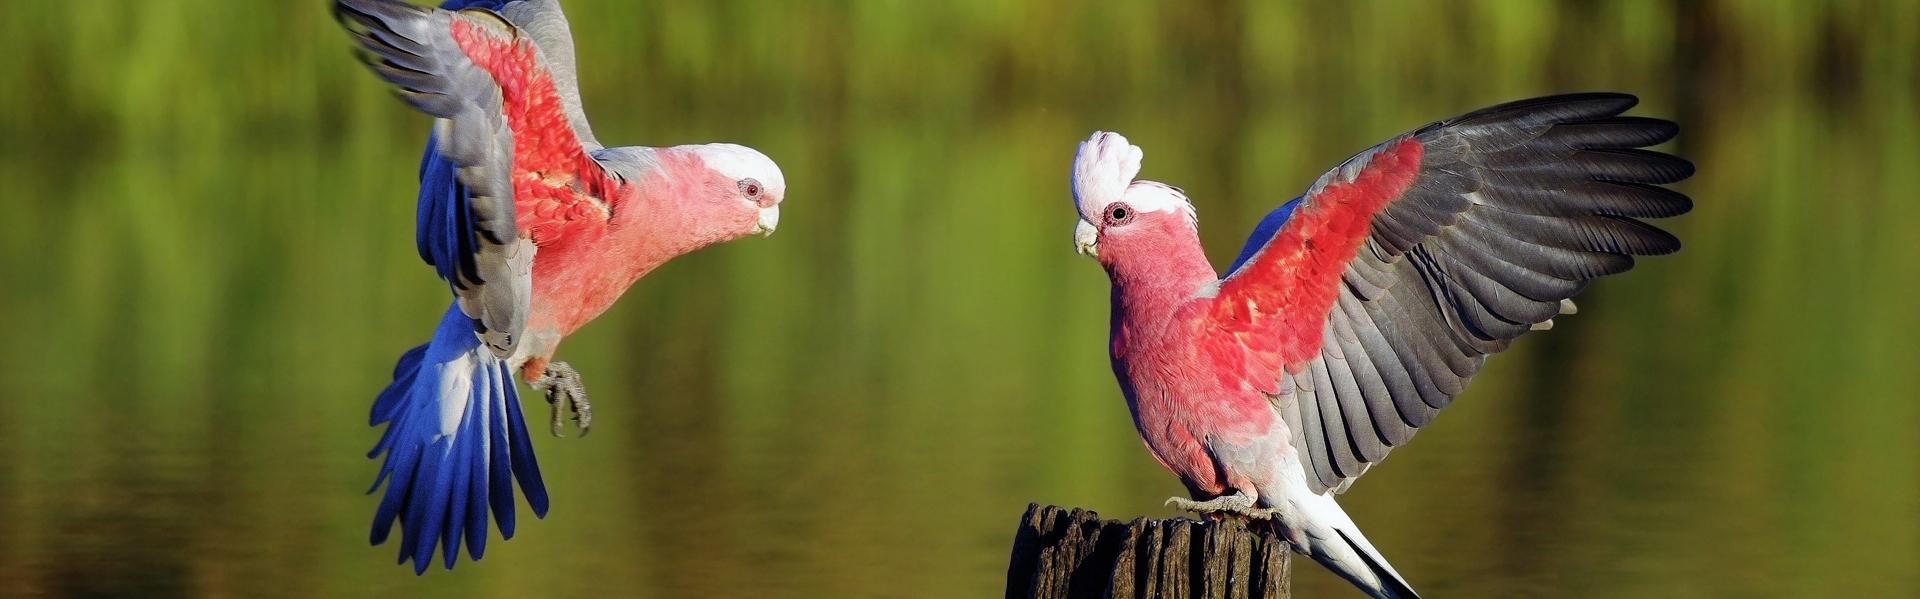 Retenția oului la păsări